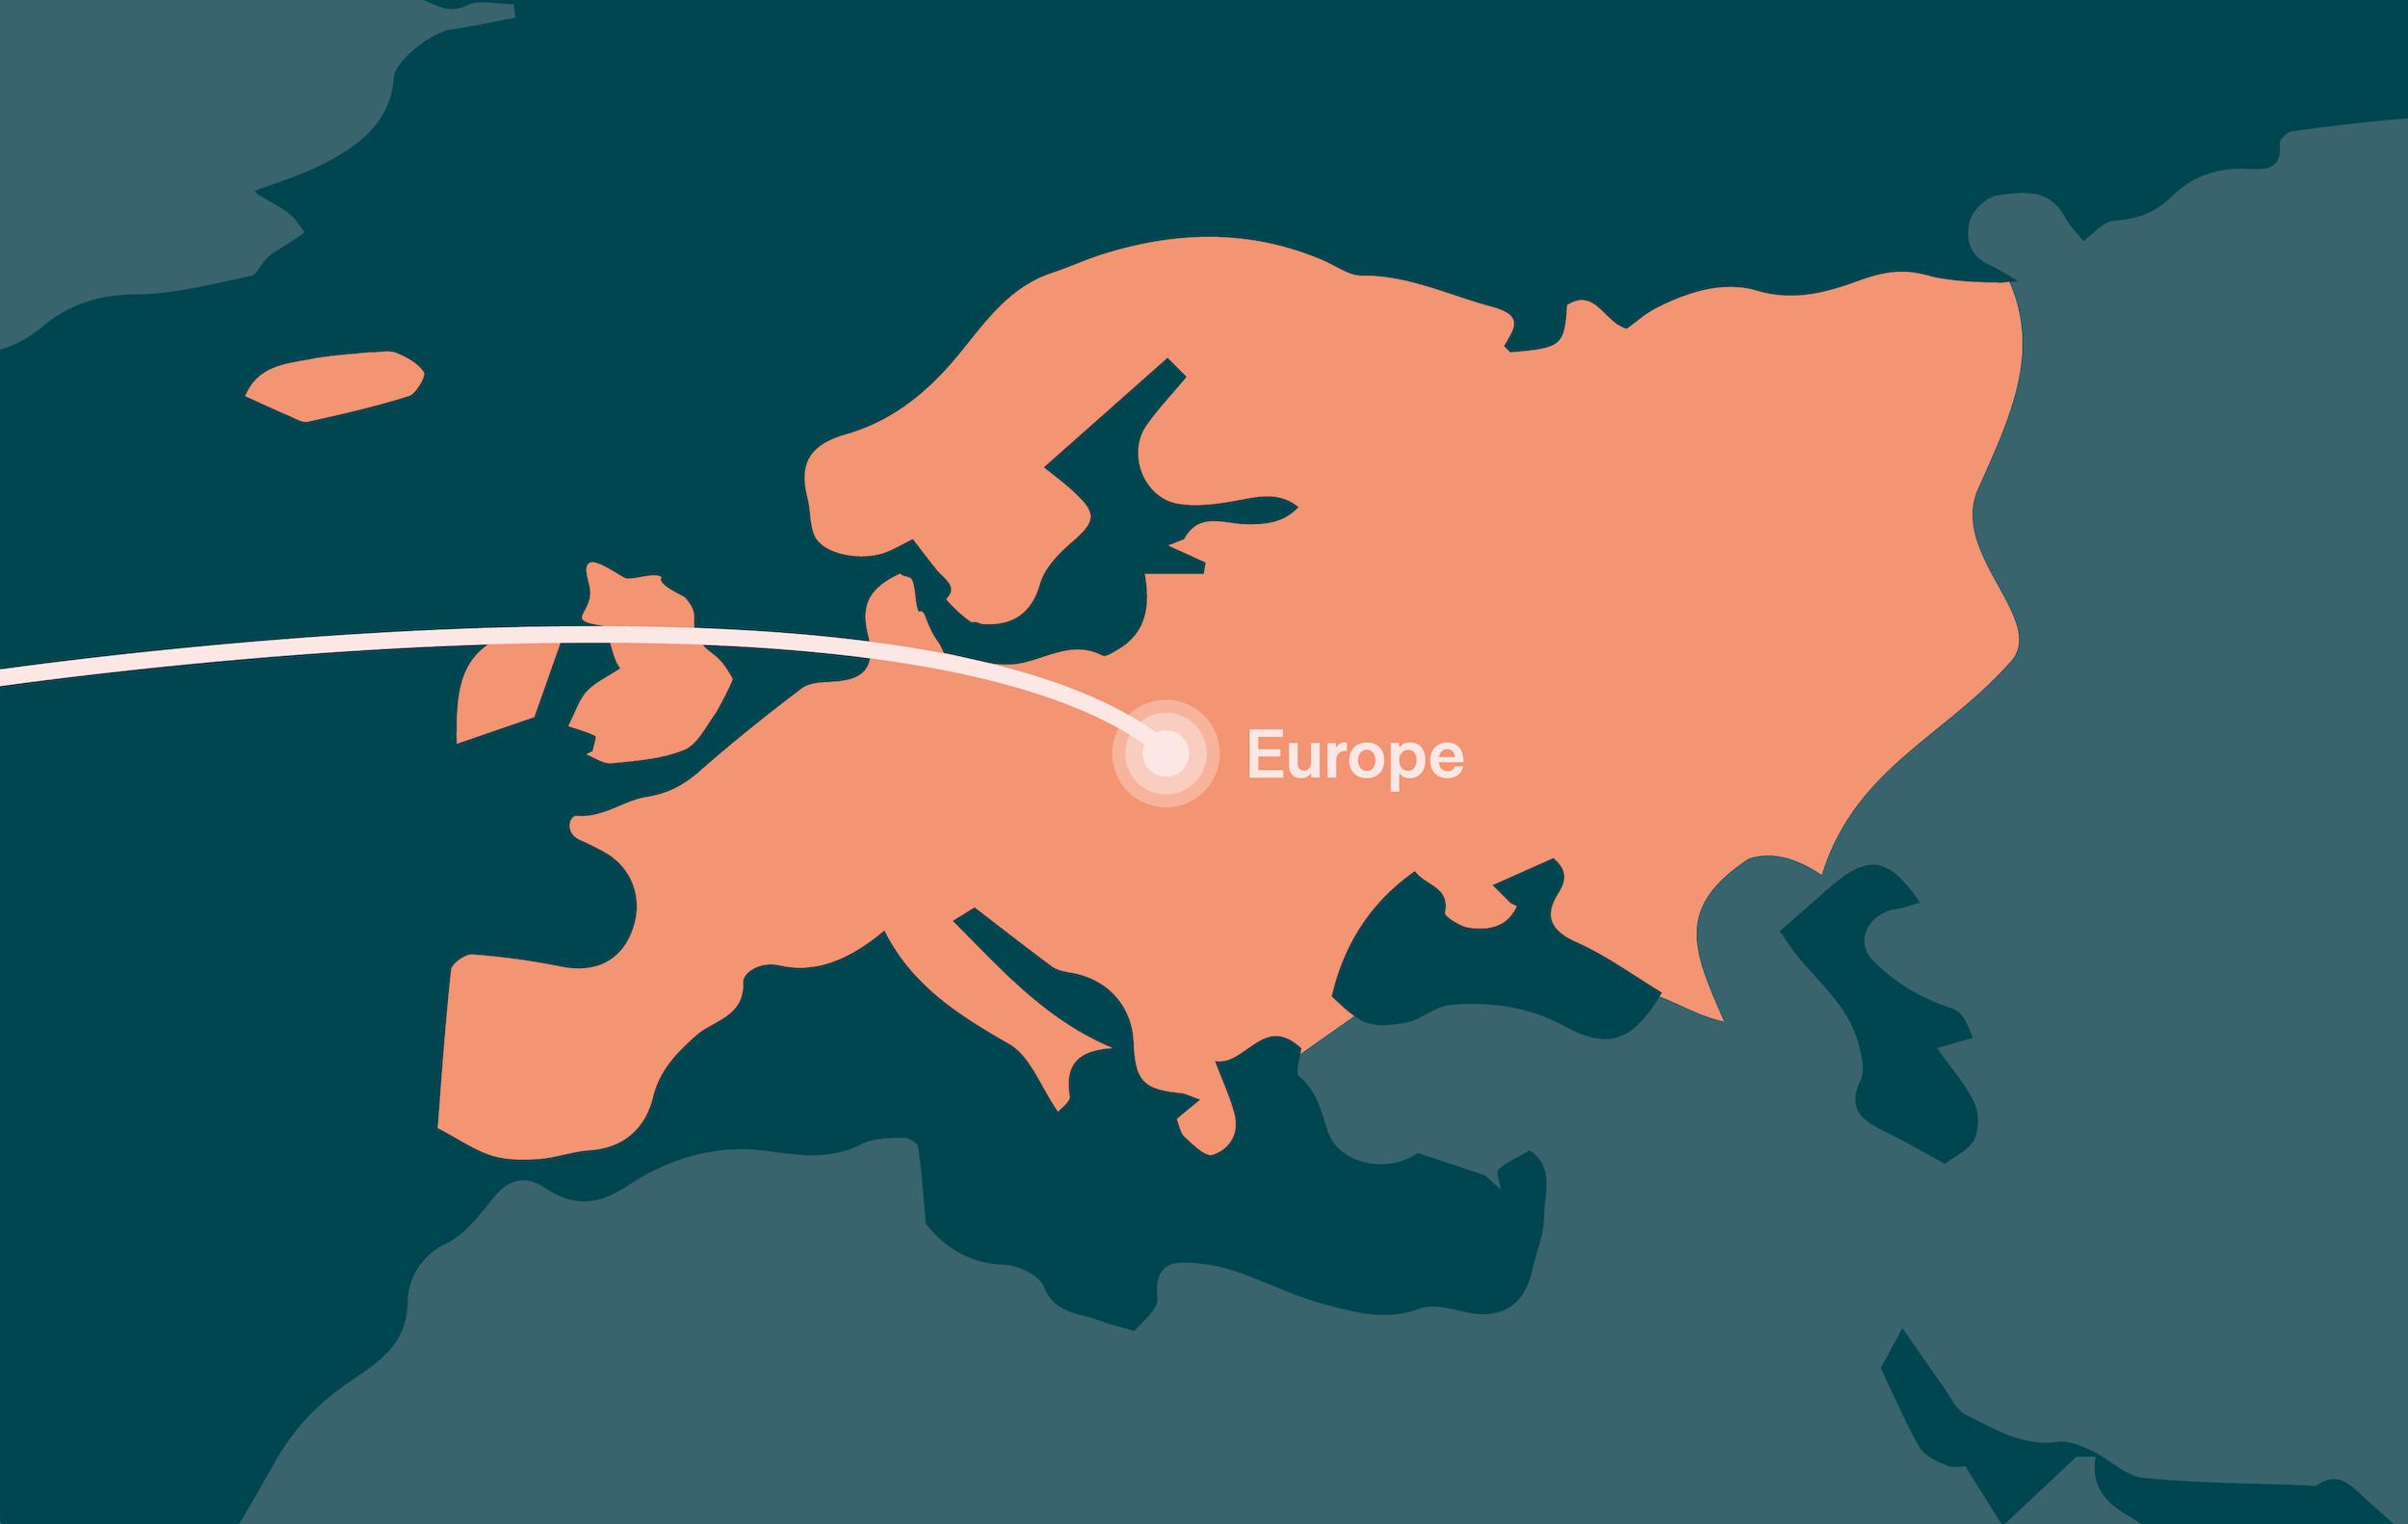 europe_openbanking_adoption.png